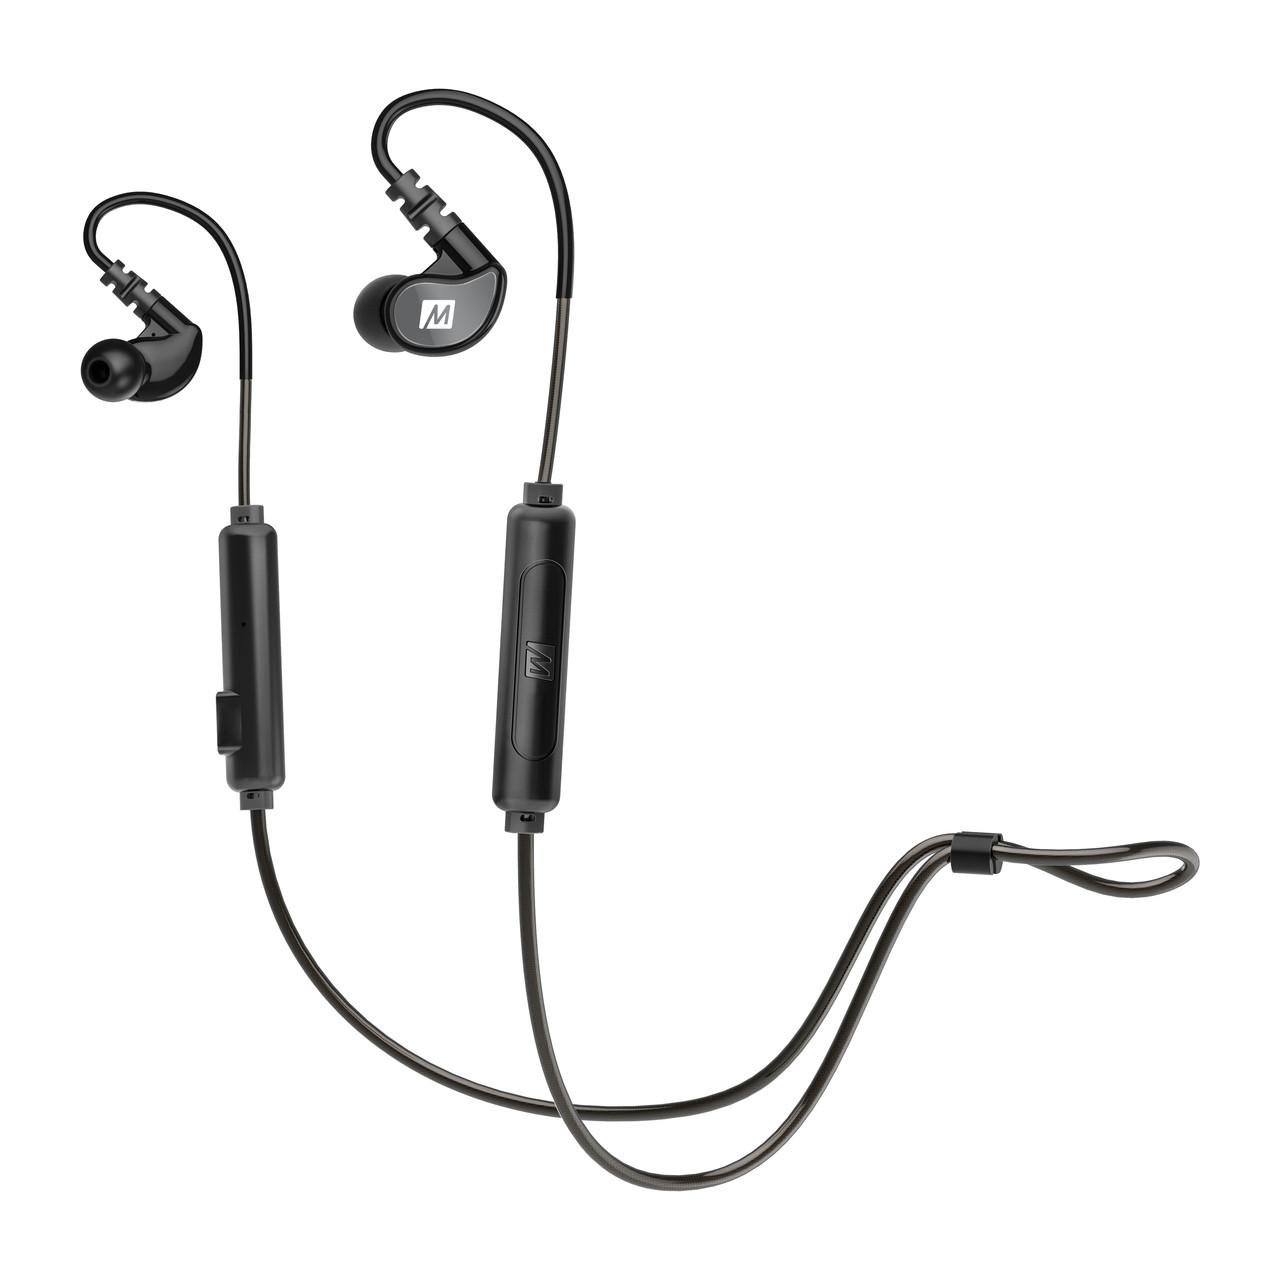 m6b wireless earphone 2019 version user manual [ 1280 x 1280 Pixel ]